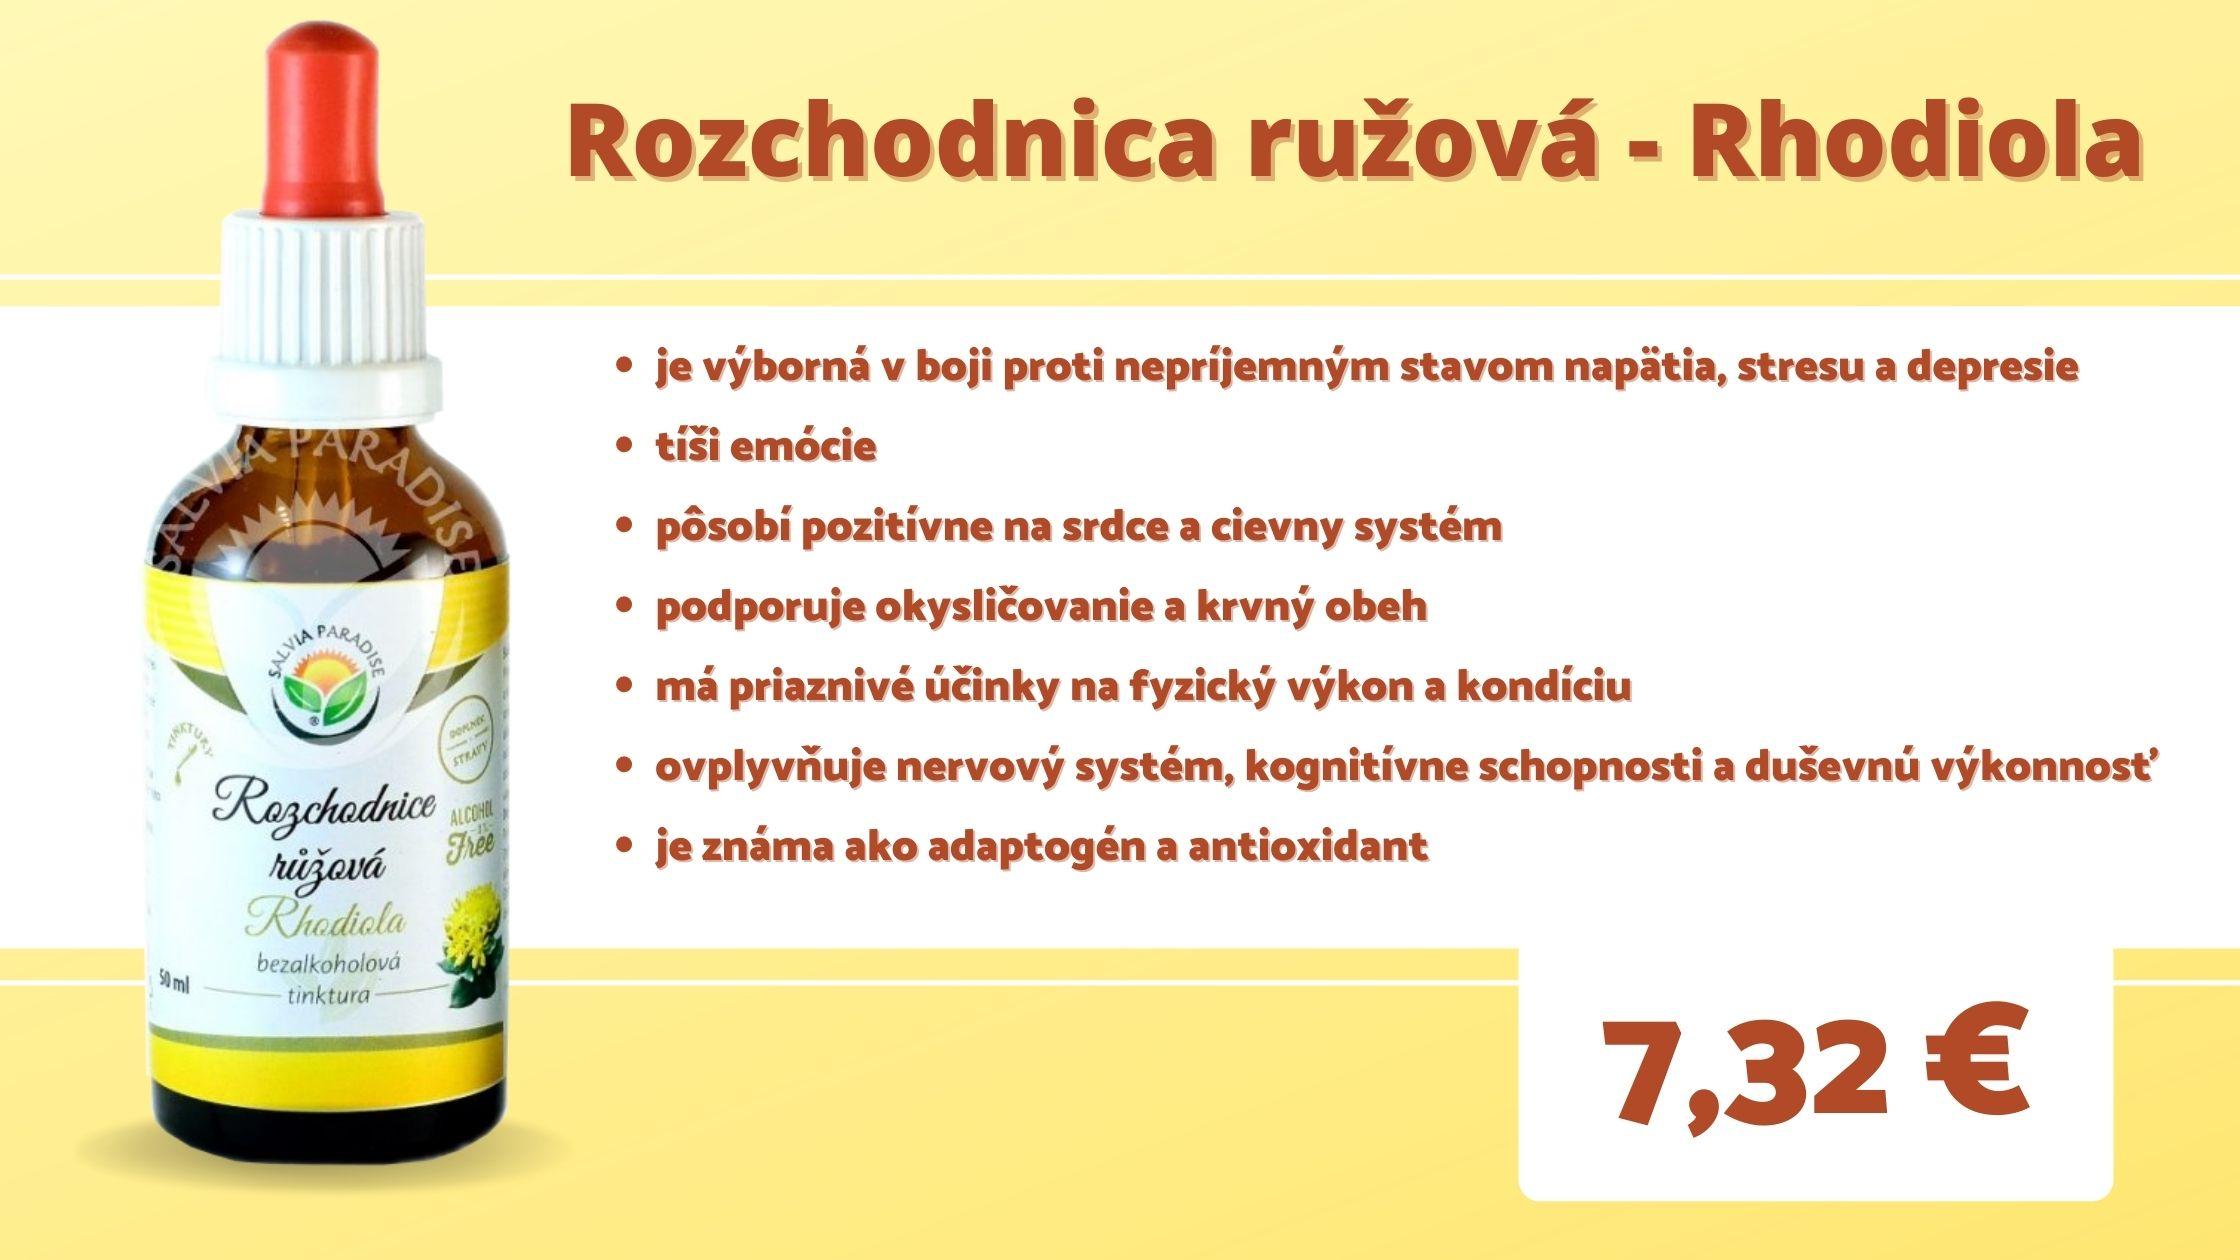 Rozchodnica ružová - Rhodiola bezalkoholová tinktúra